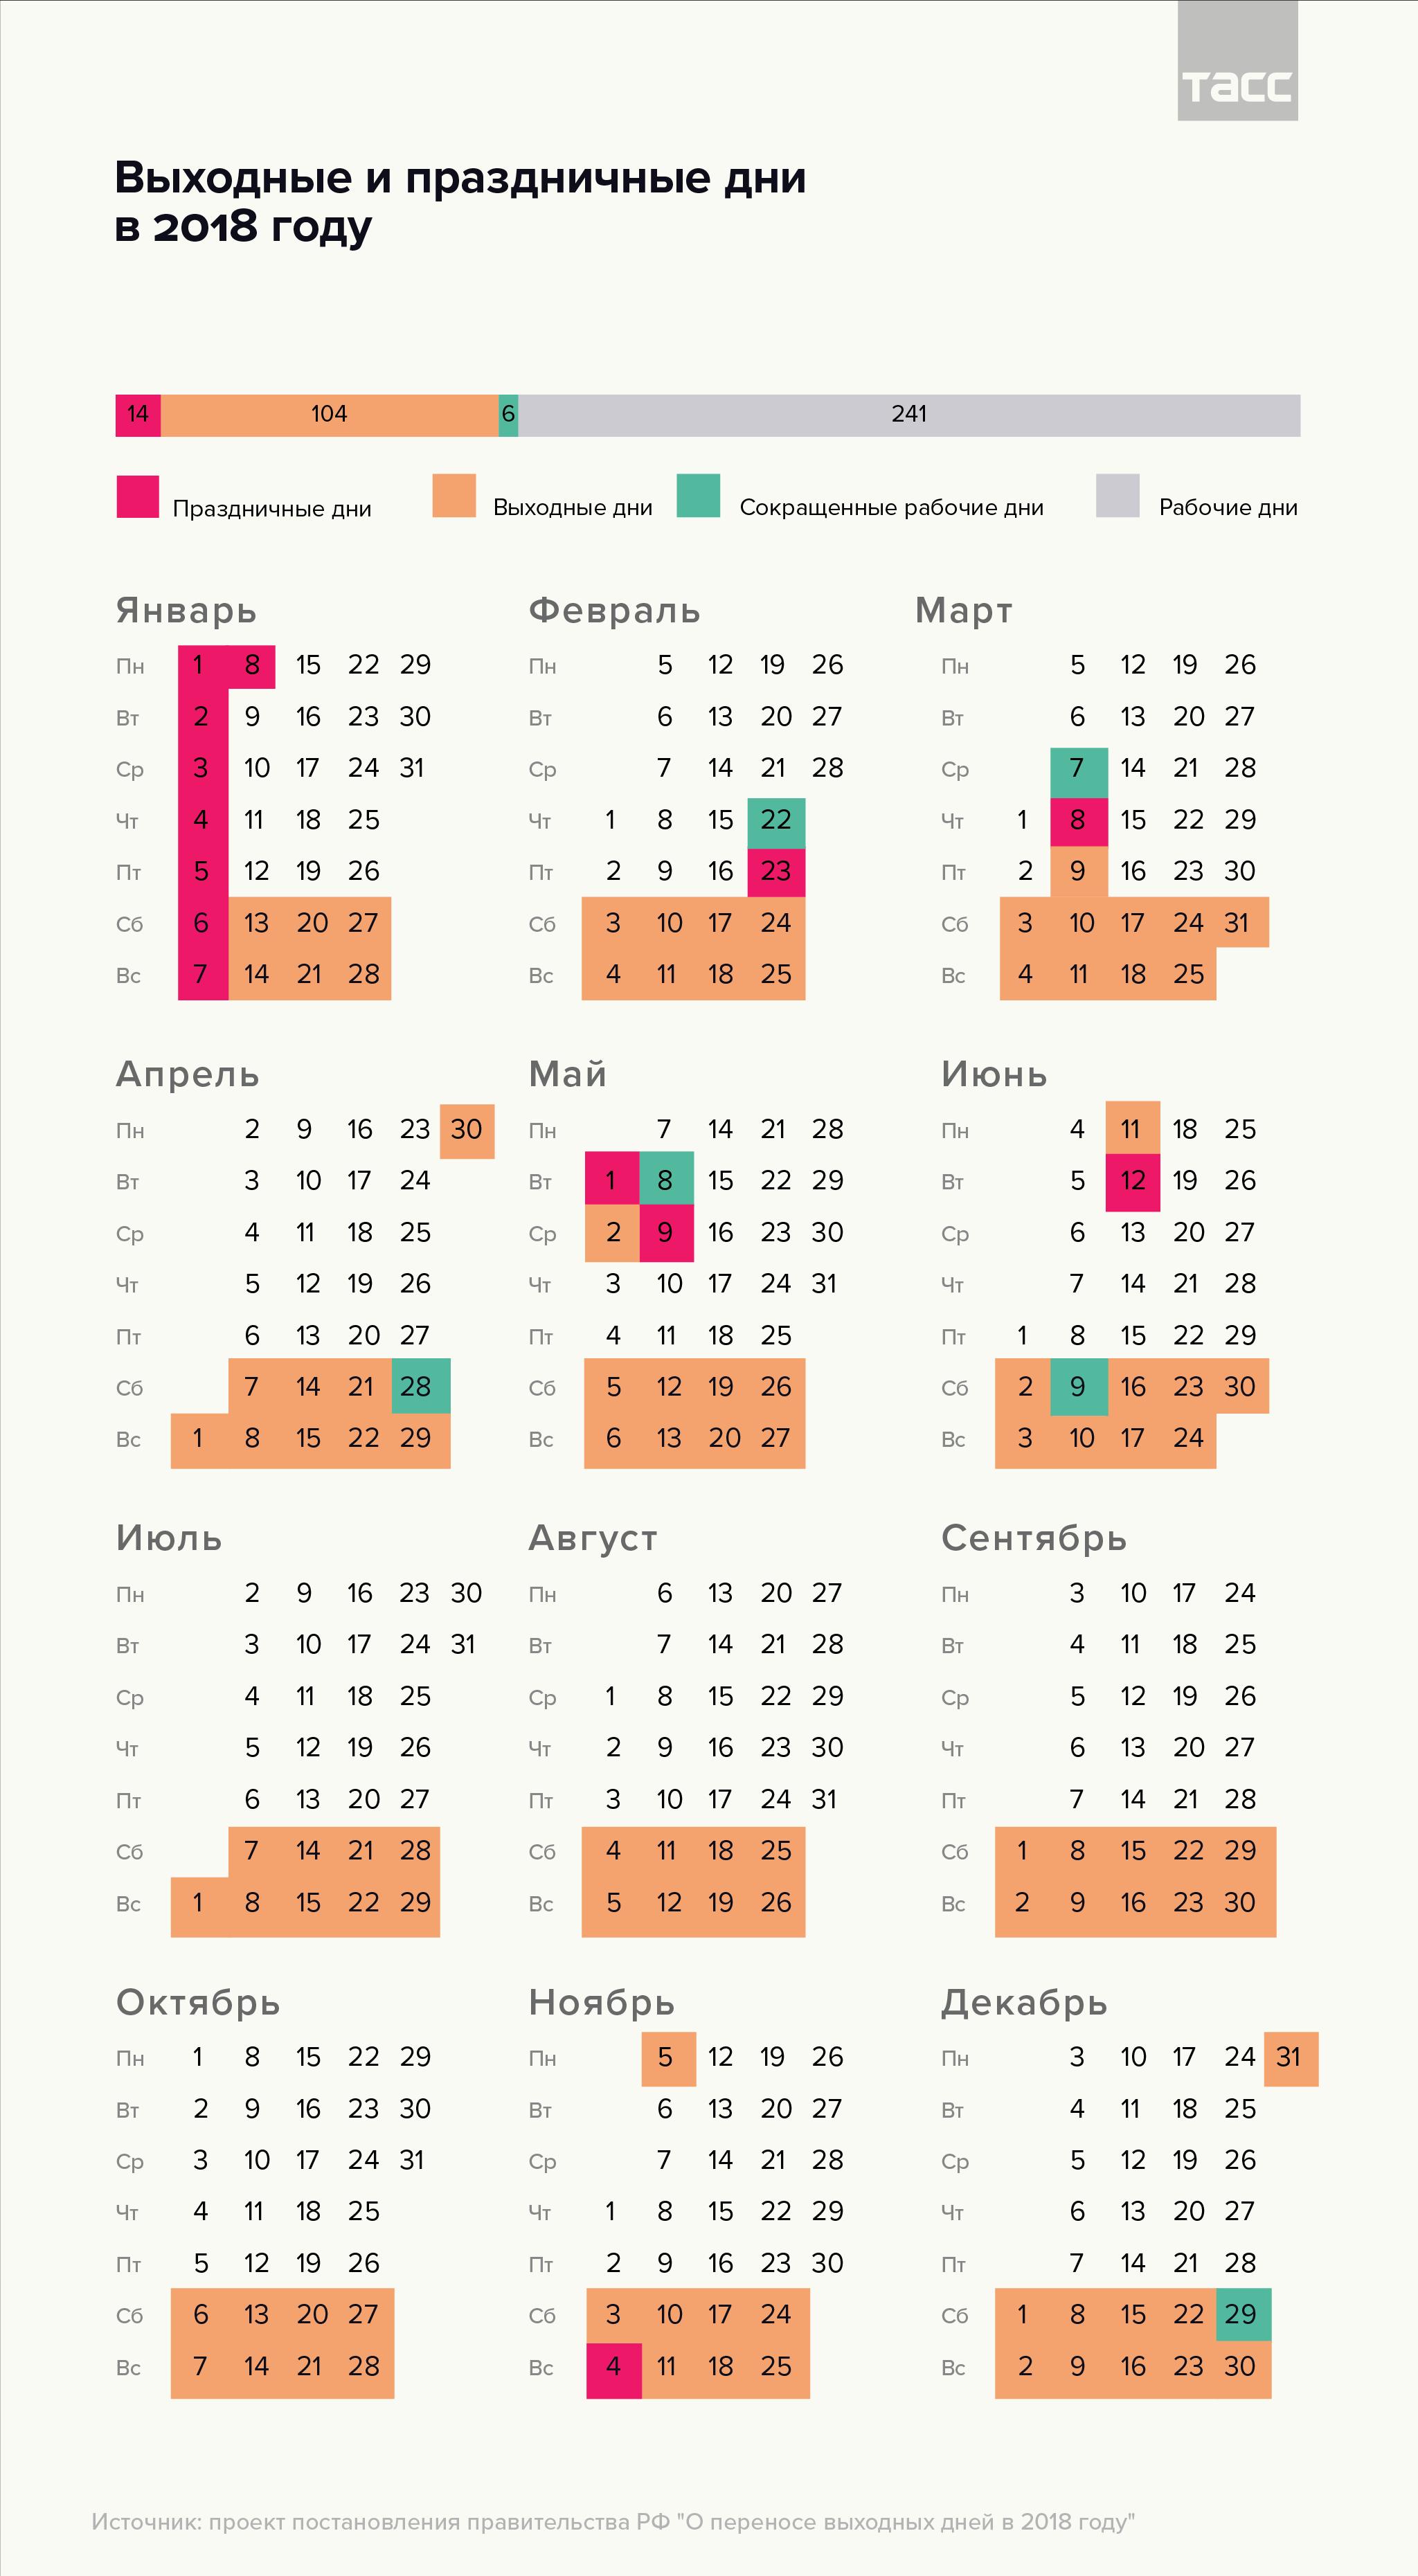 Выходные дни в Беларуси в 2018 году